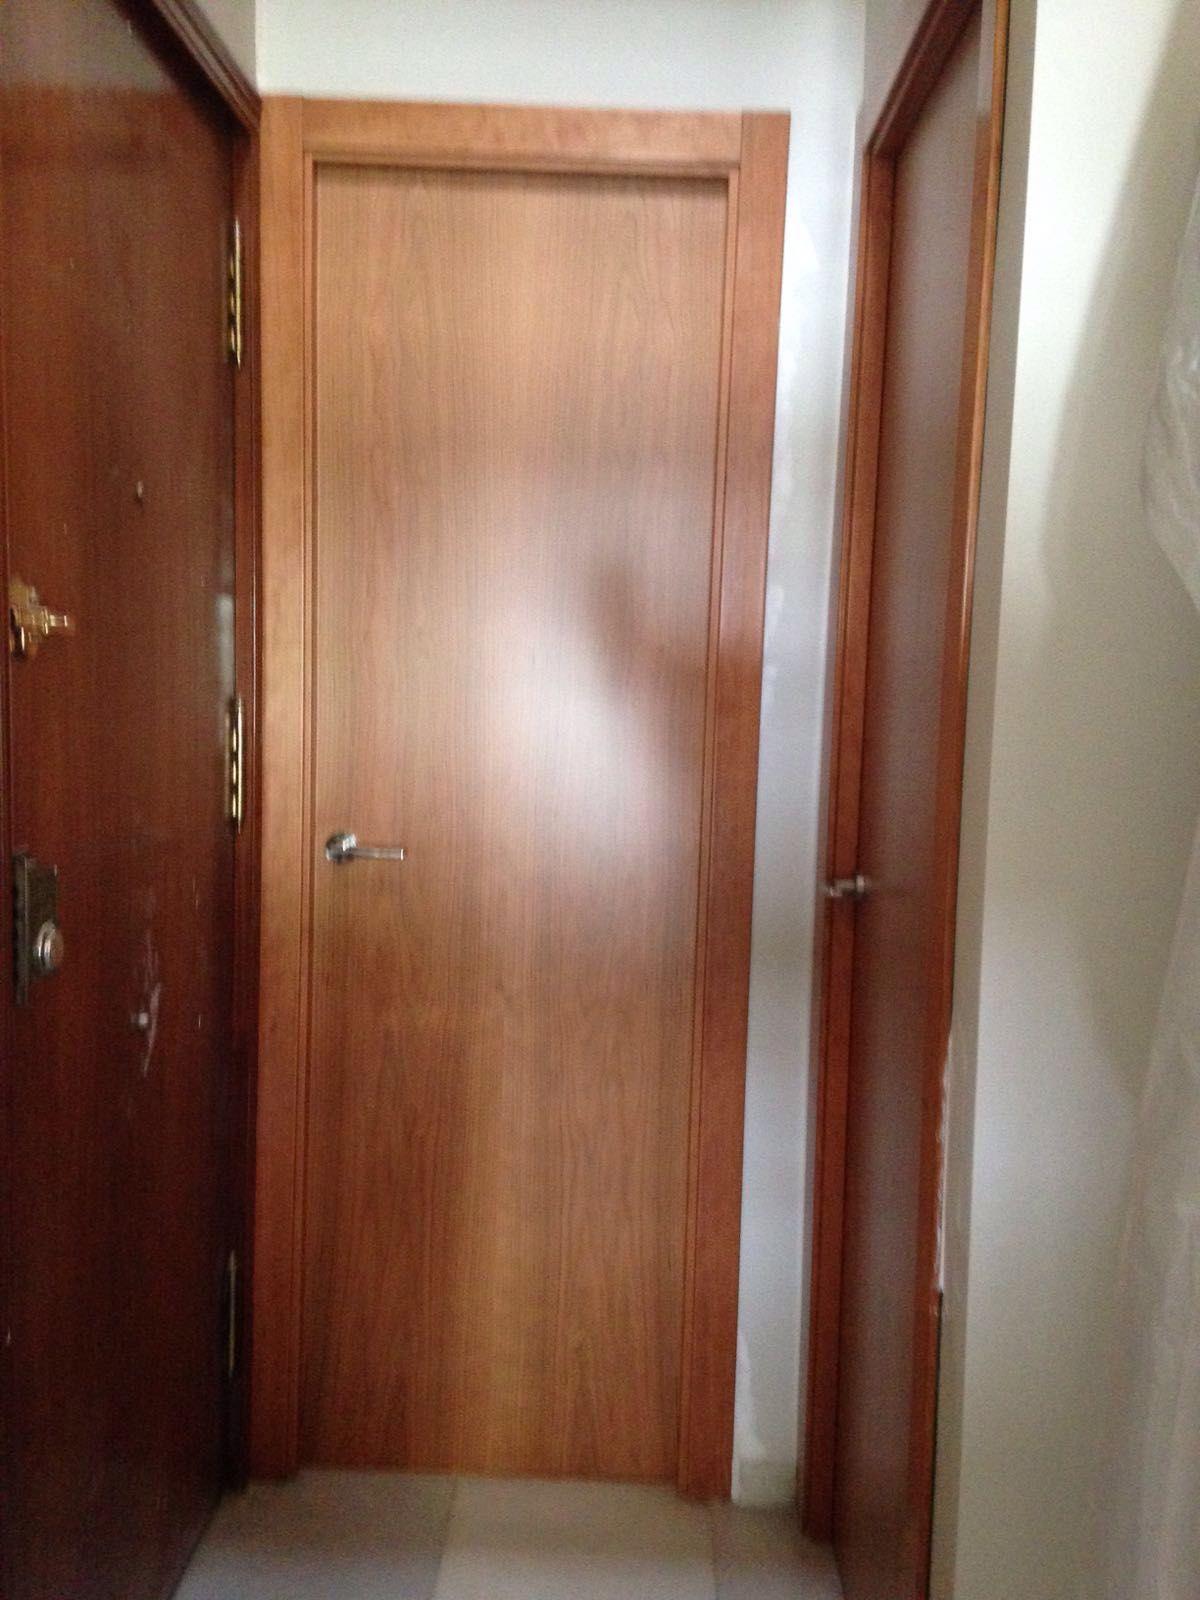 Modelo LYON en Cerezo barnizado. # puertas # armarios ...